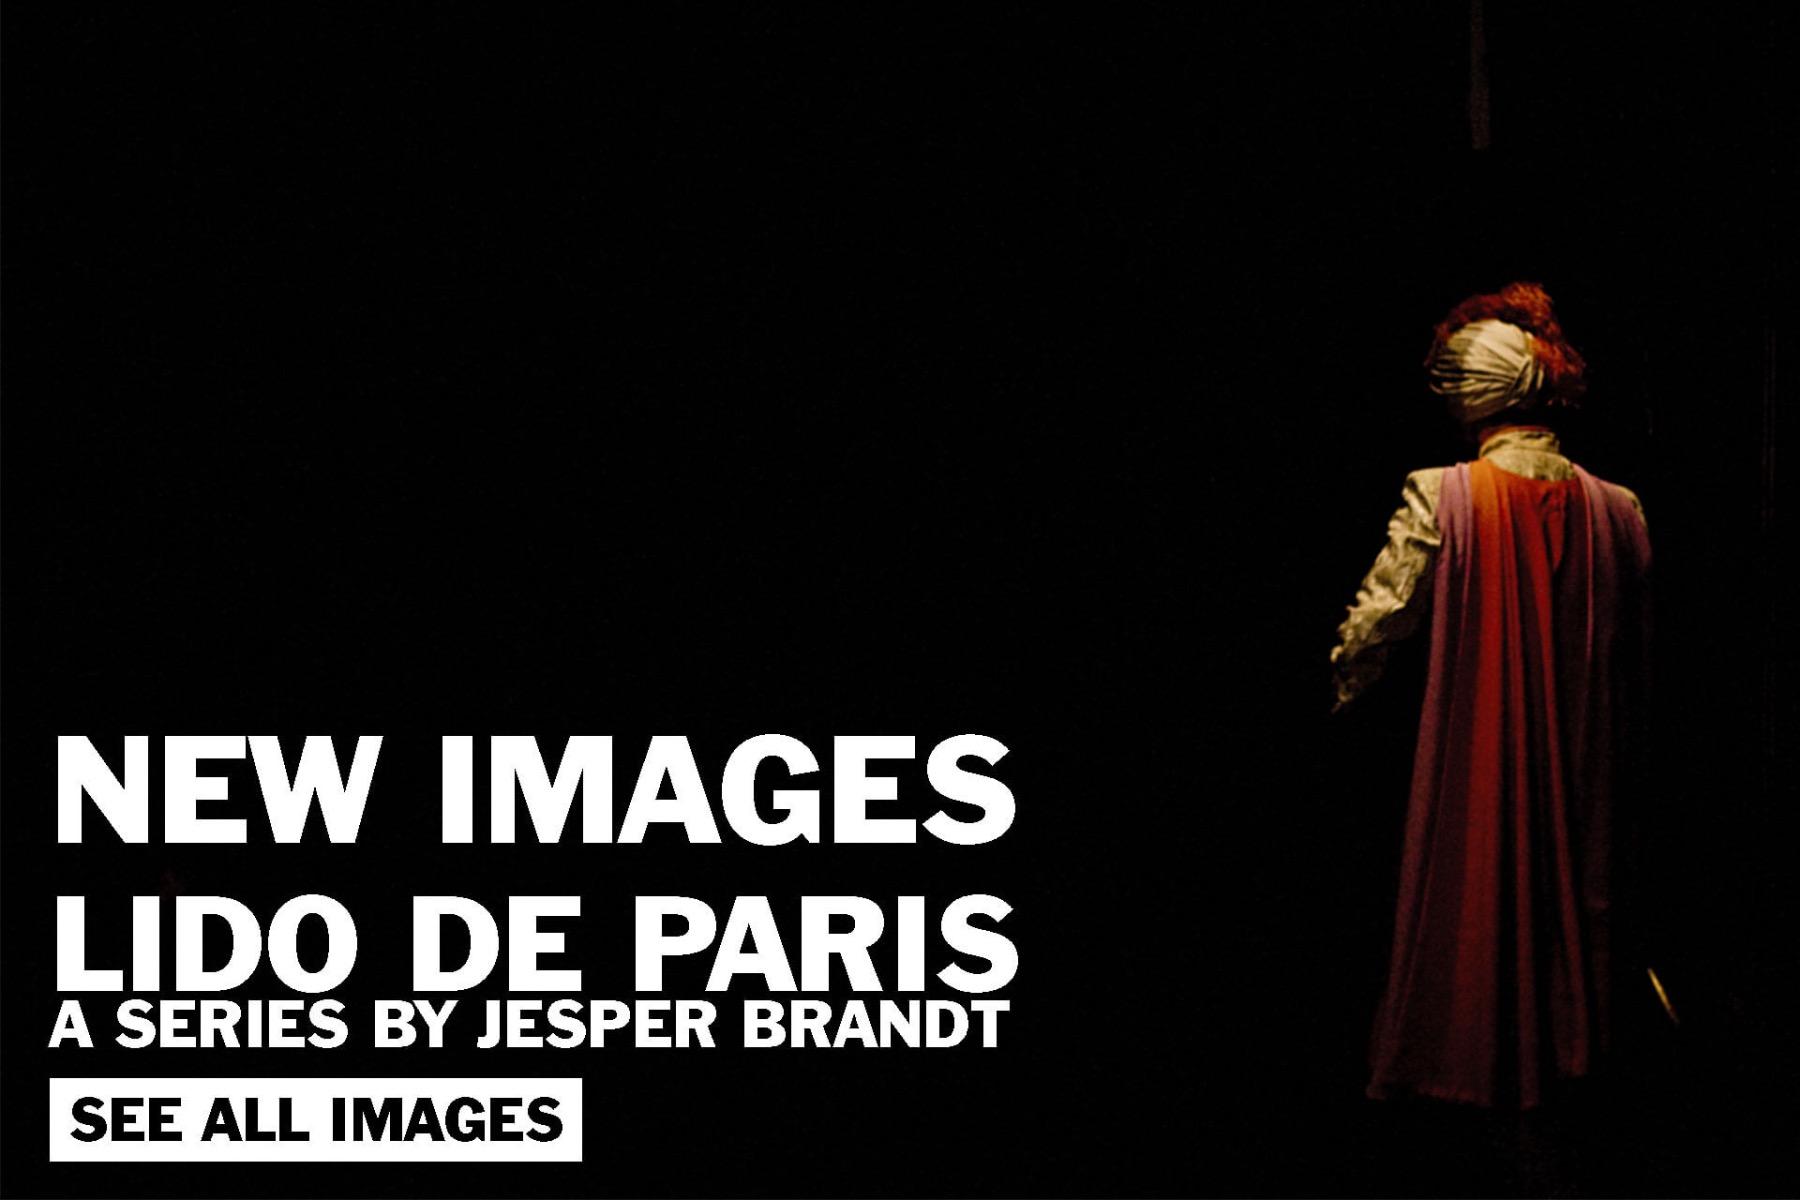 Lido de Paris a series by Jesper Brandt